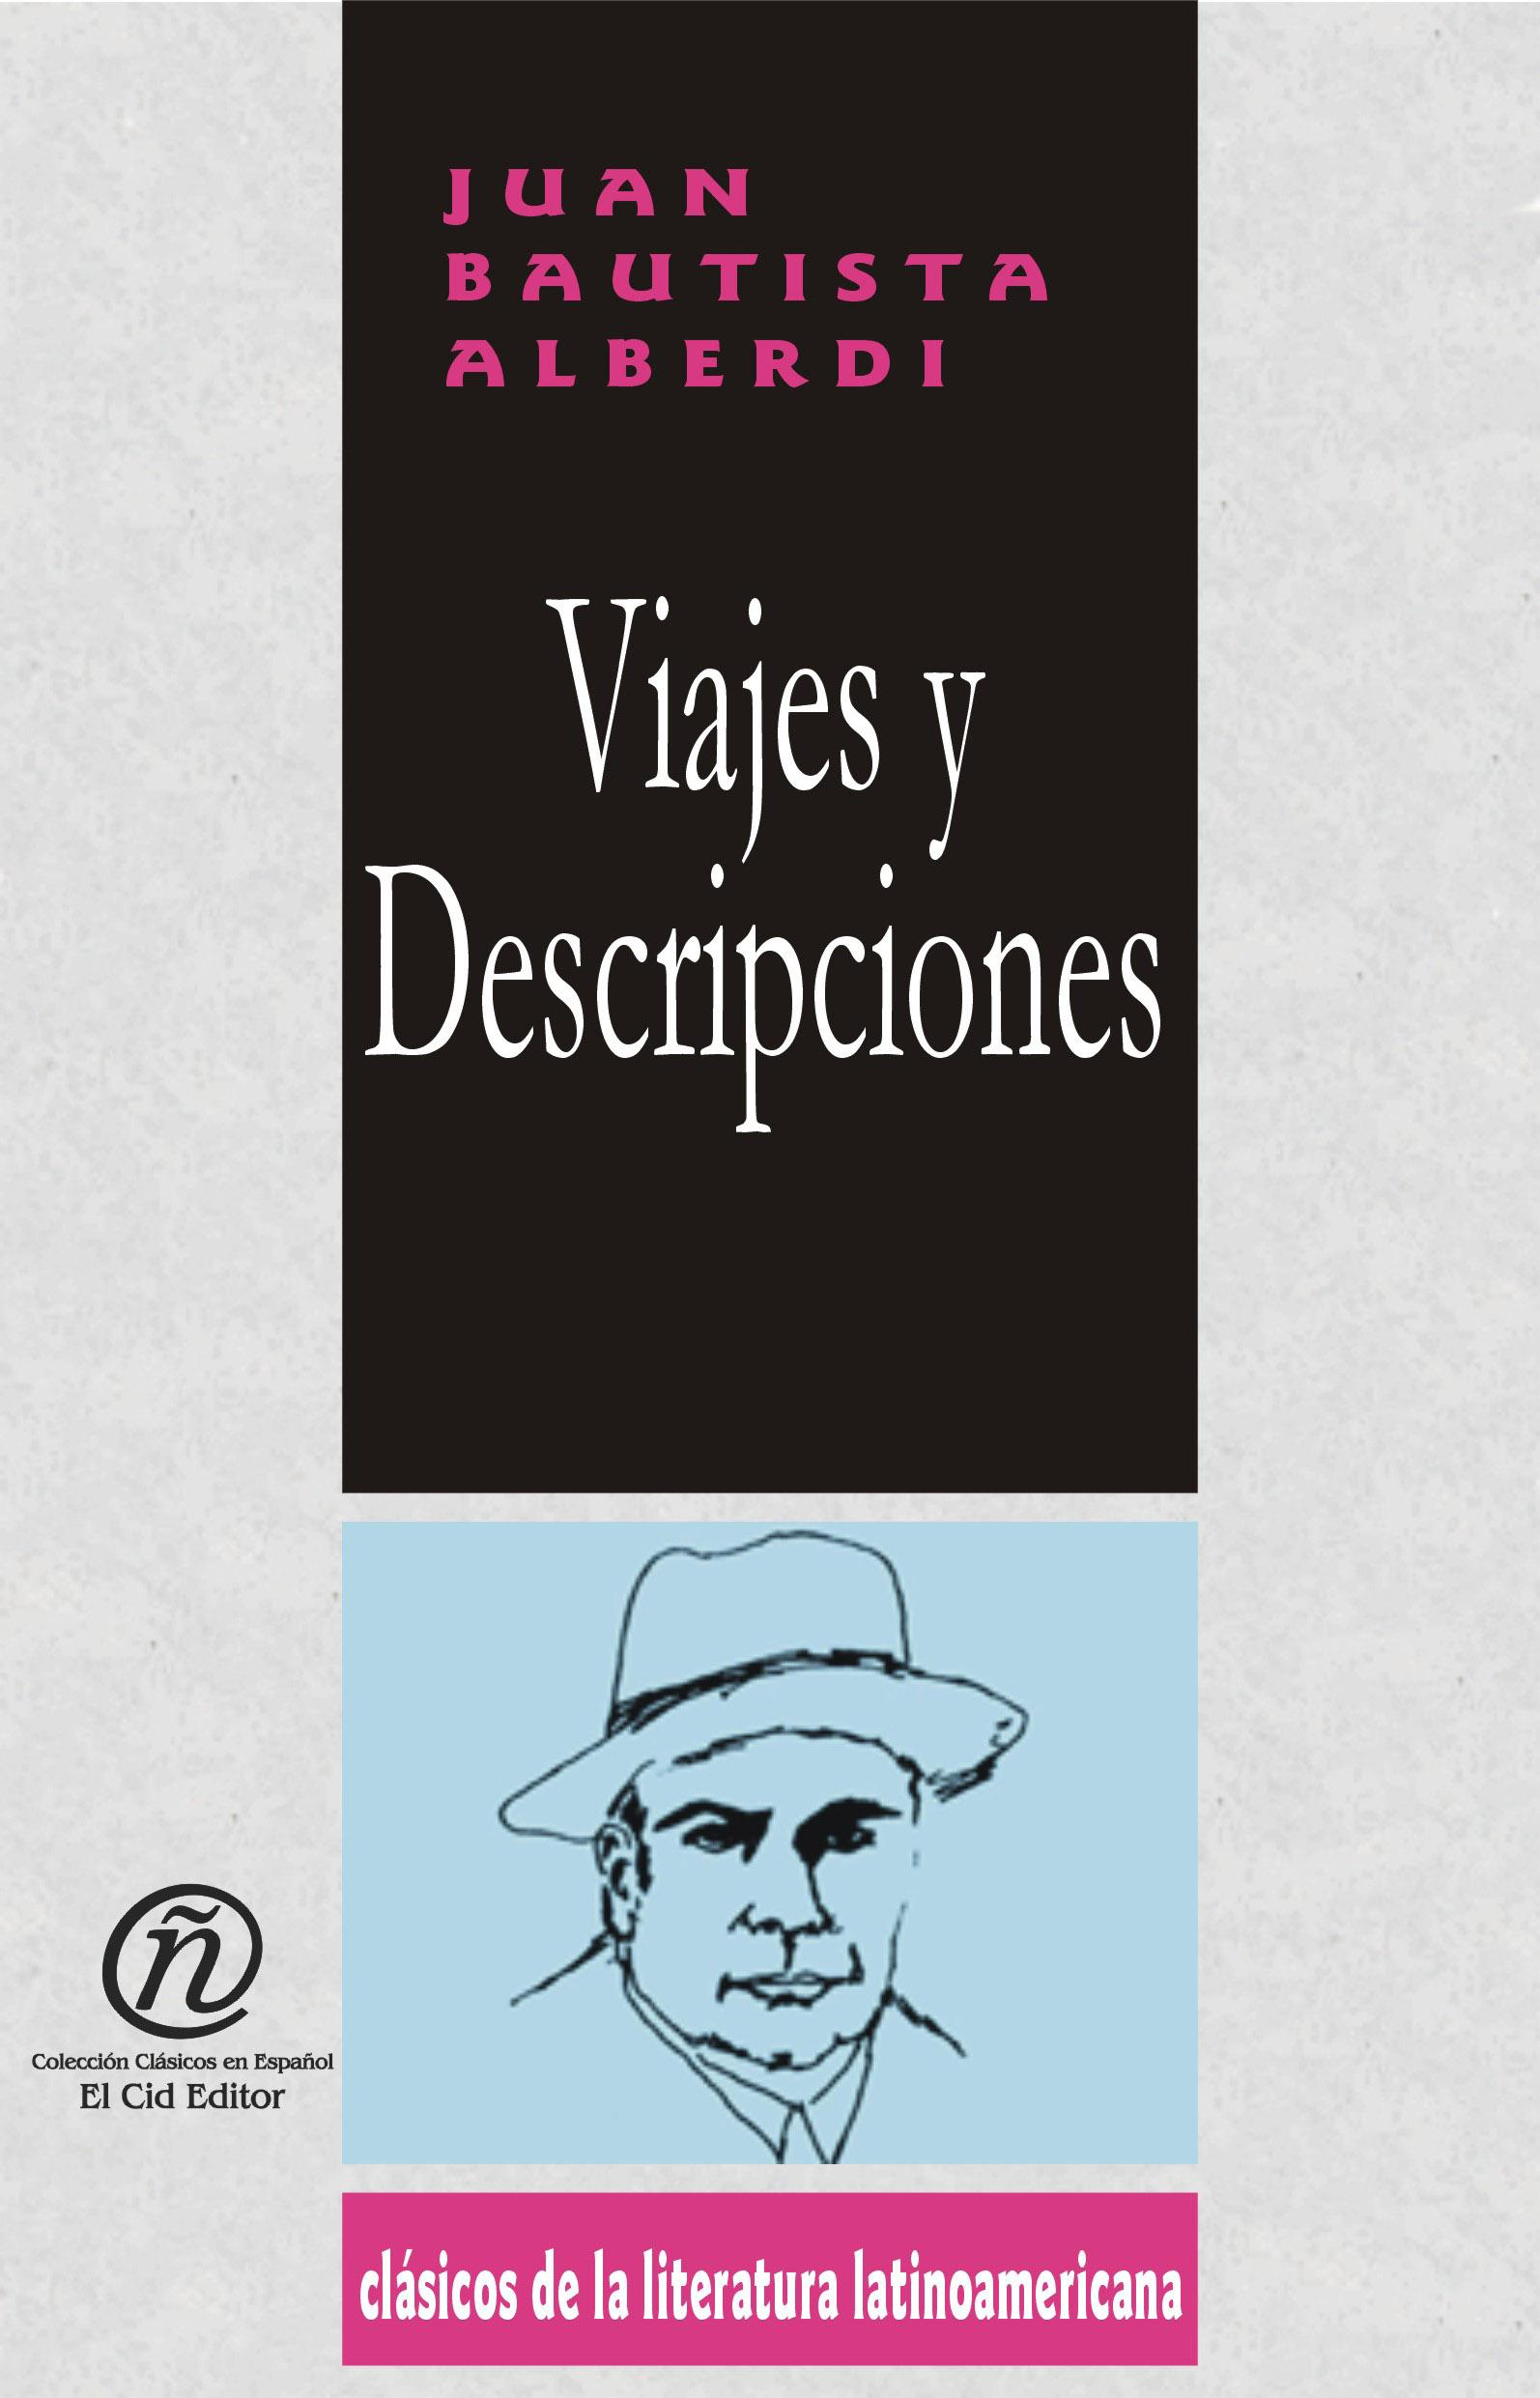 Viajes y Descripciones: Colecci?n de Cl?sicos de la Literatura Latinoamericana